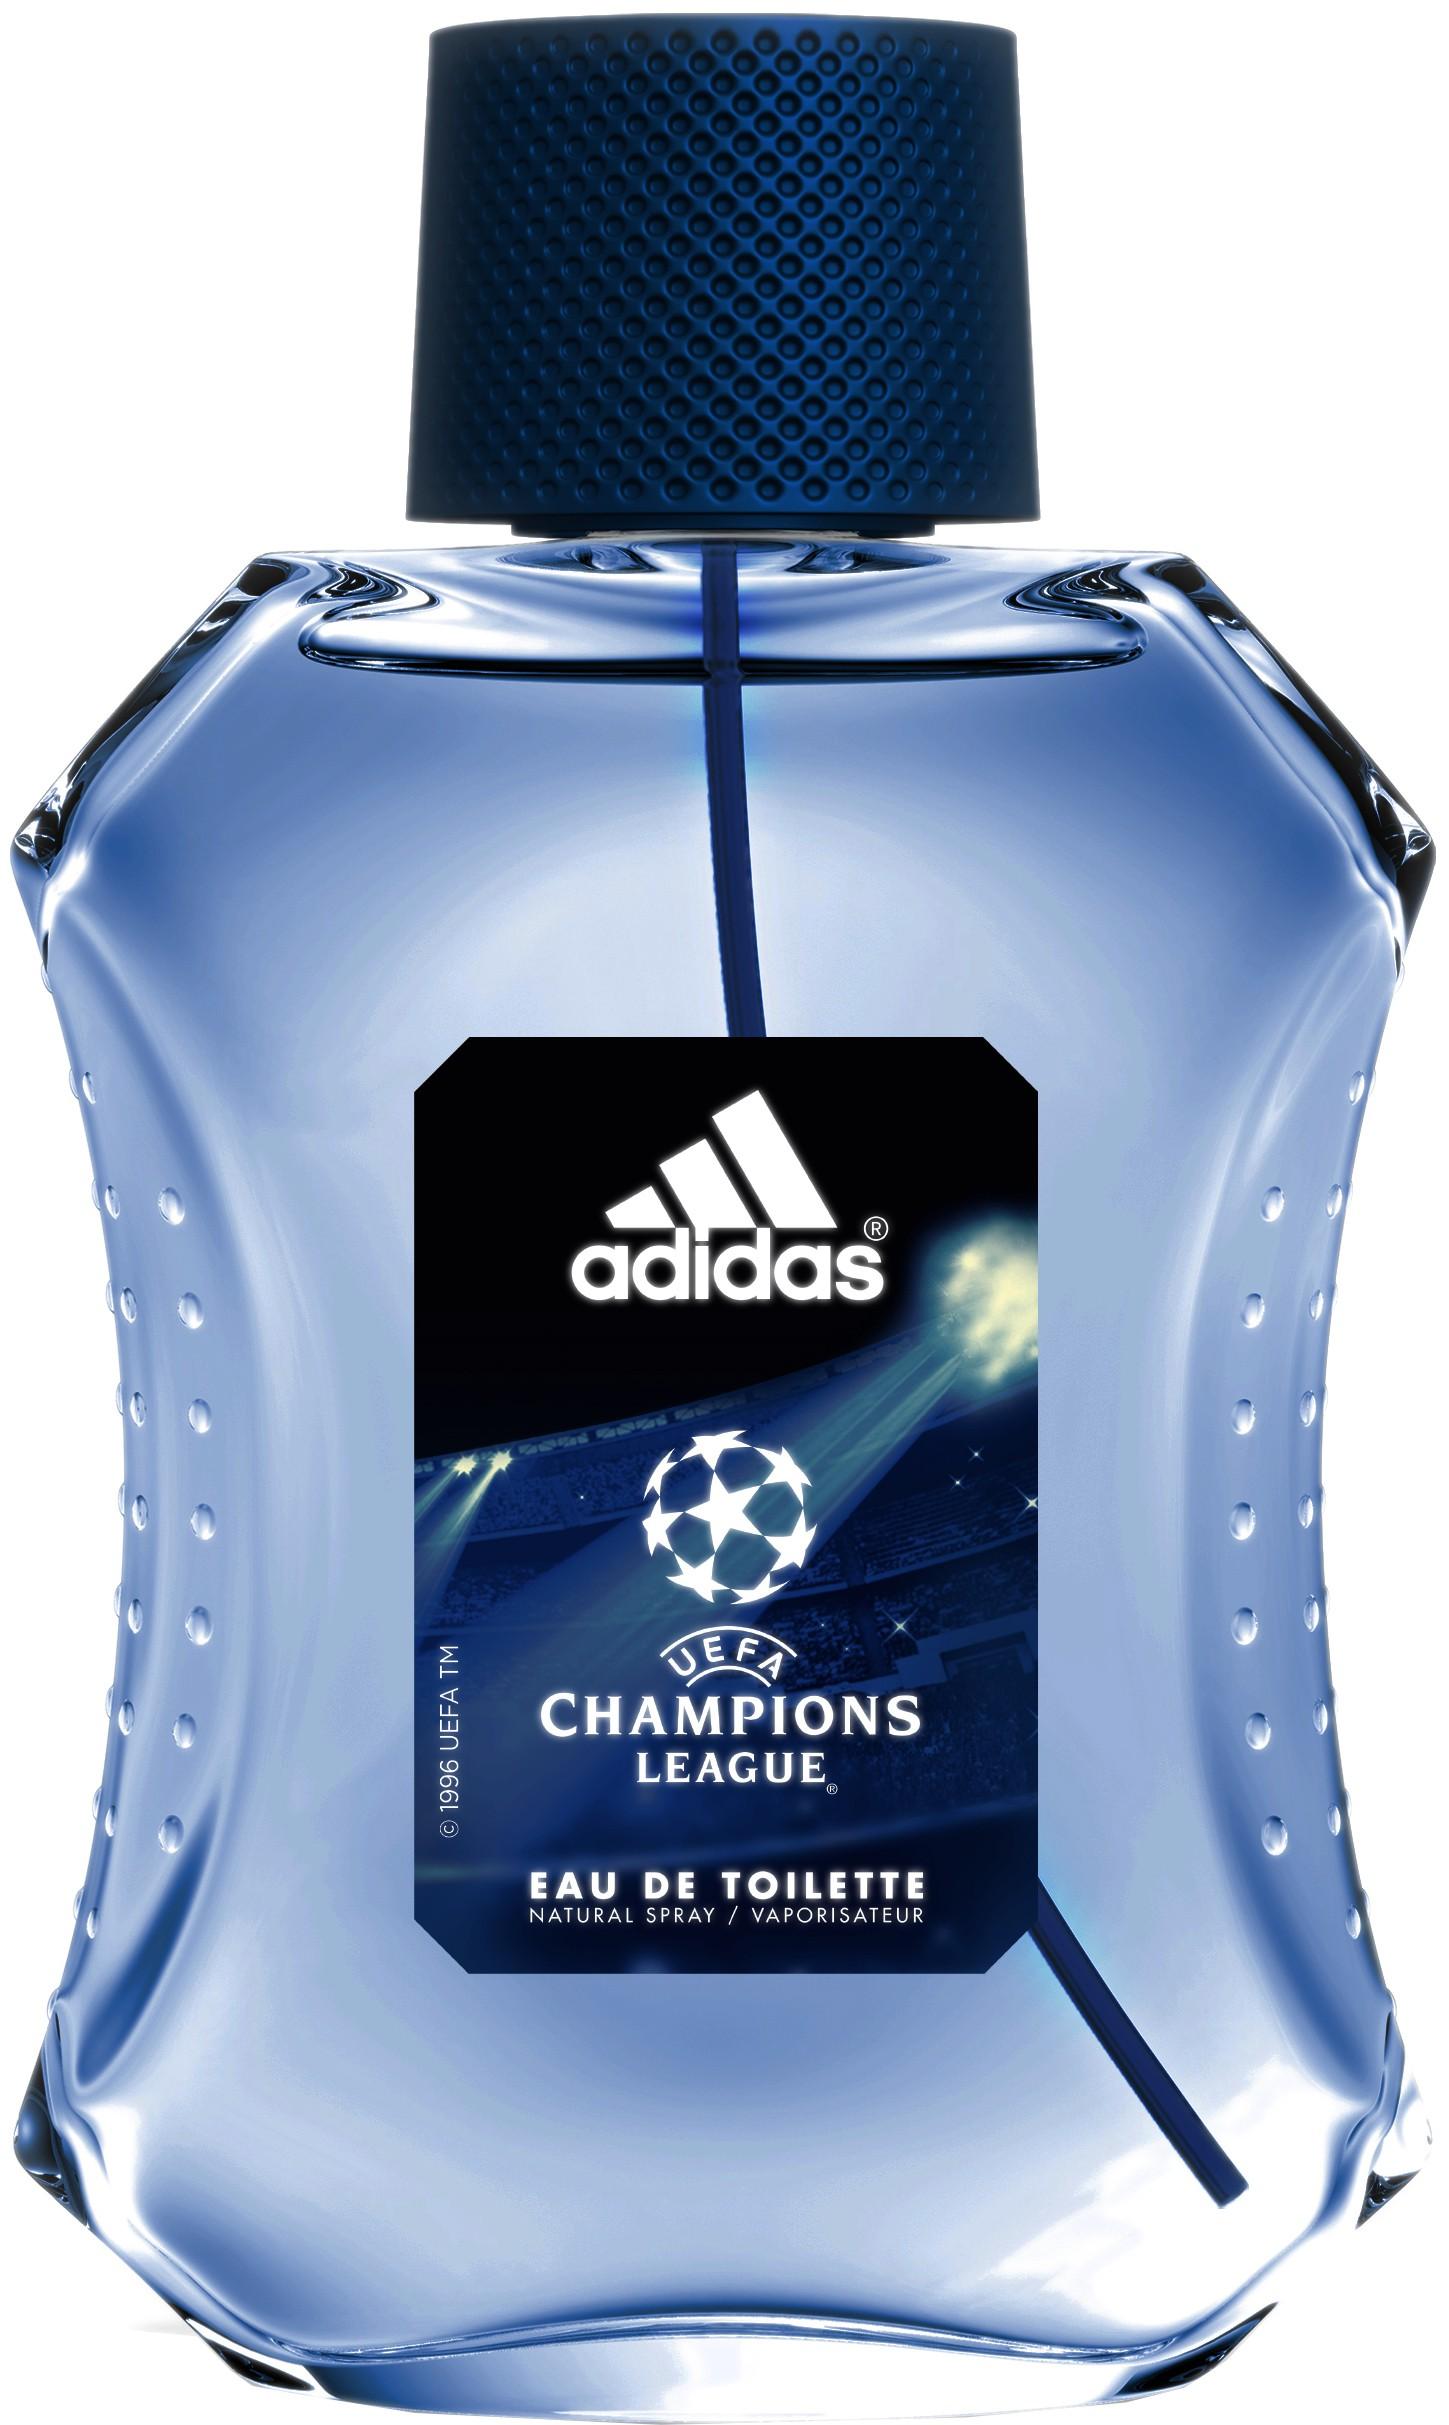 Adidas Champions League 2014 аромат для мужчин